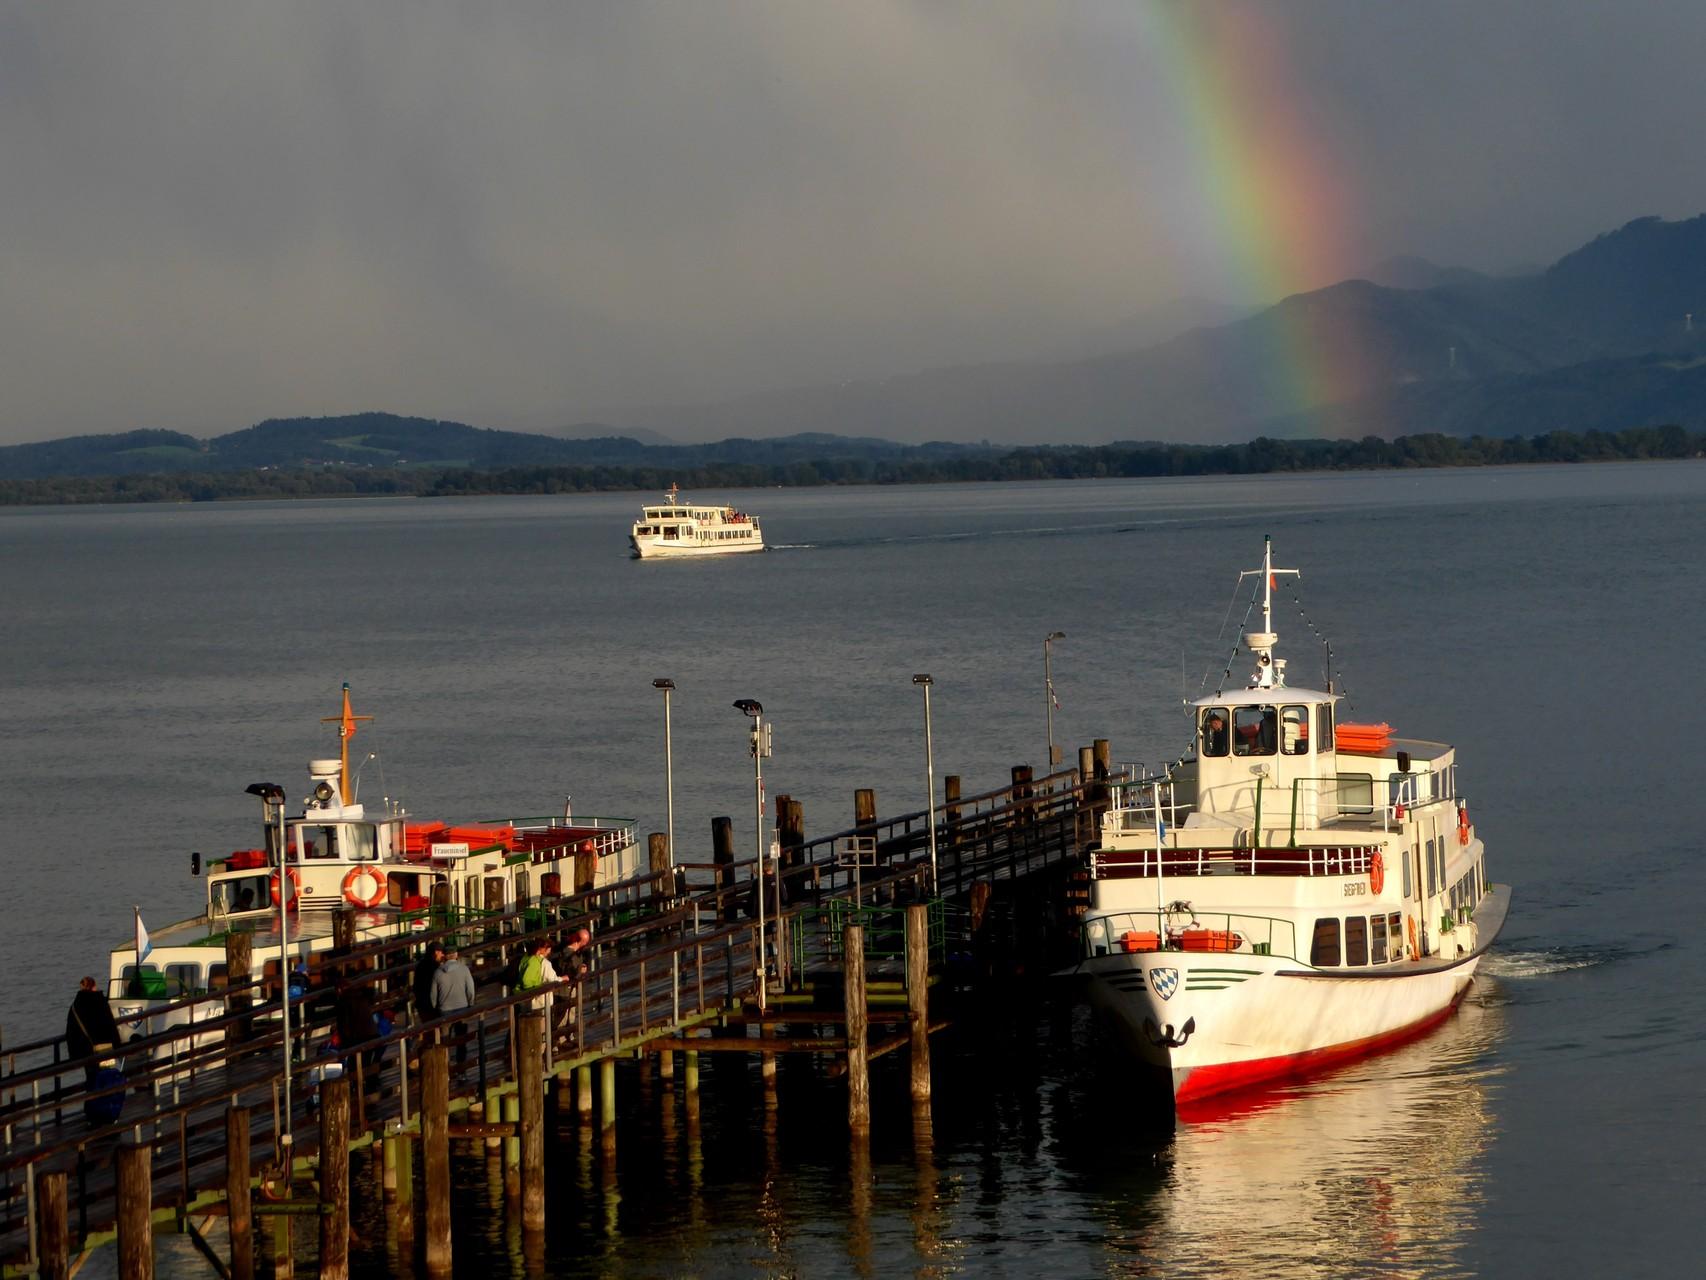 ...auf den farbenprächtigen Regenbogen der sich pünktlich zum Ausstellungsbeginn über dem Chiemsee wölbt